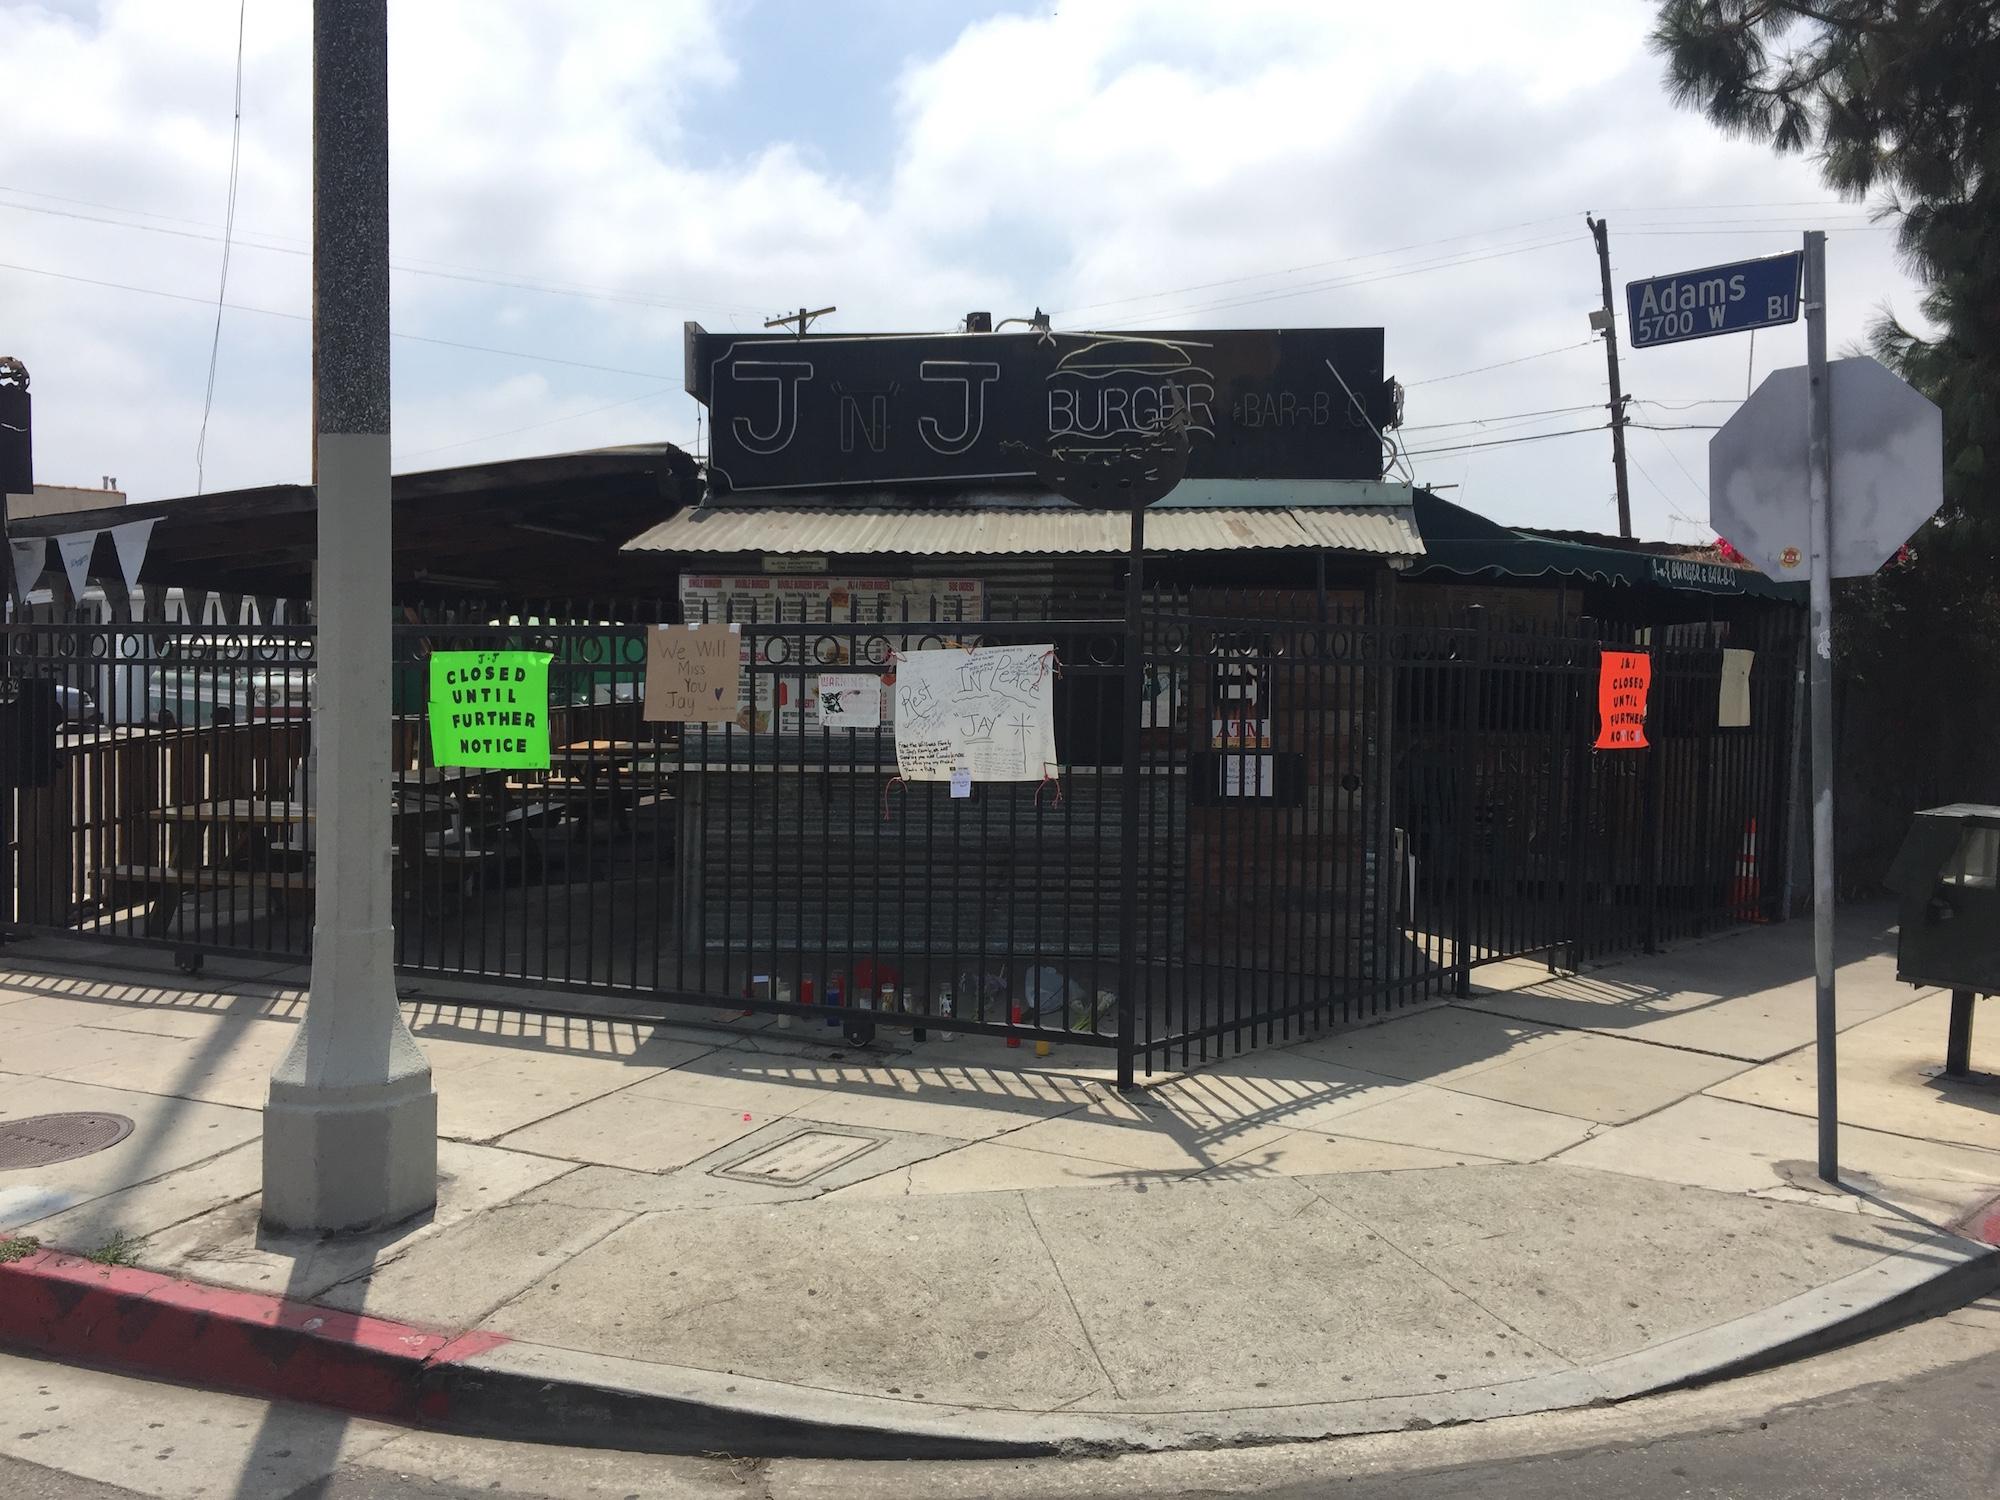 West Adams Los Angeles - Eater LA